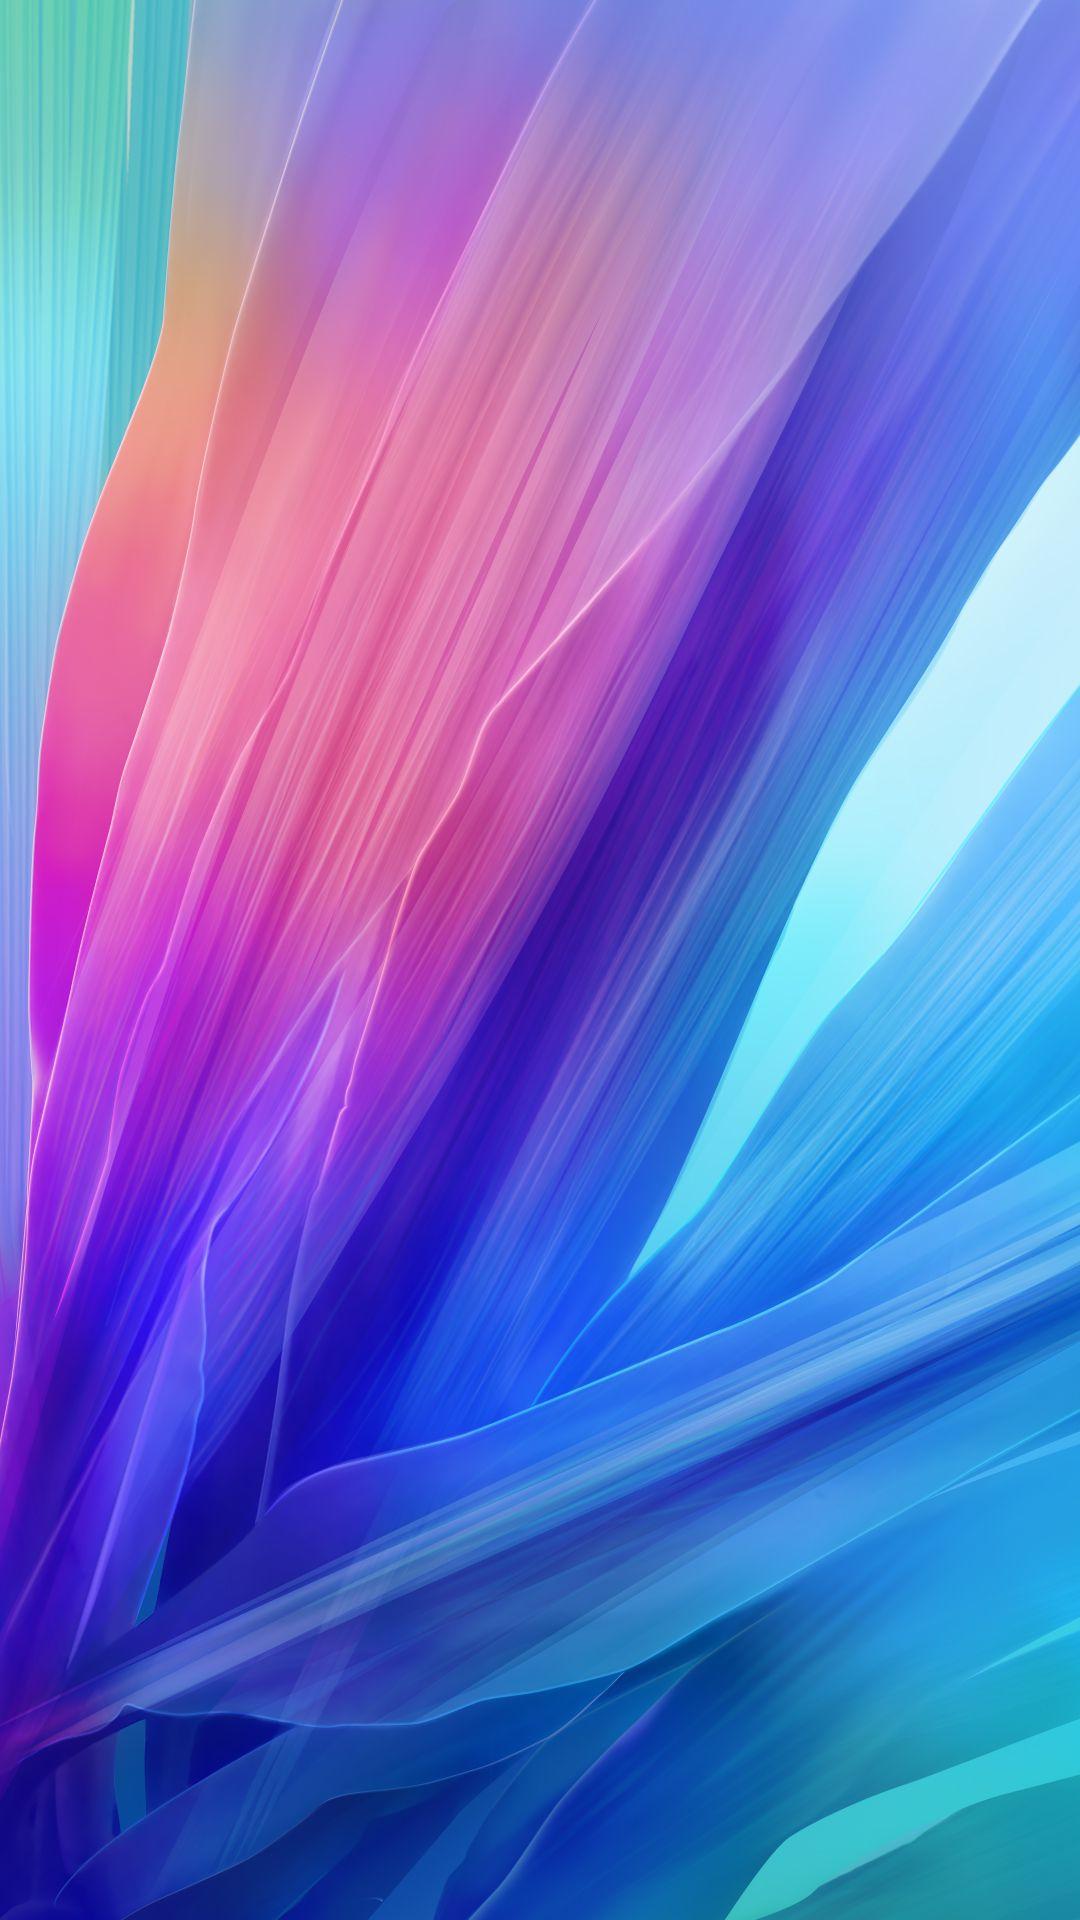 Wallpaper Iphone 7 Makemac Wallpaper Pinterest Iphone 1080x1920